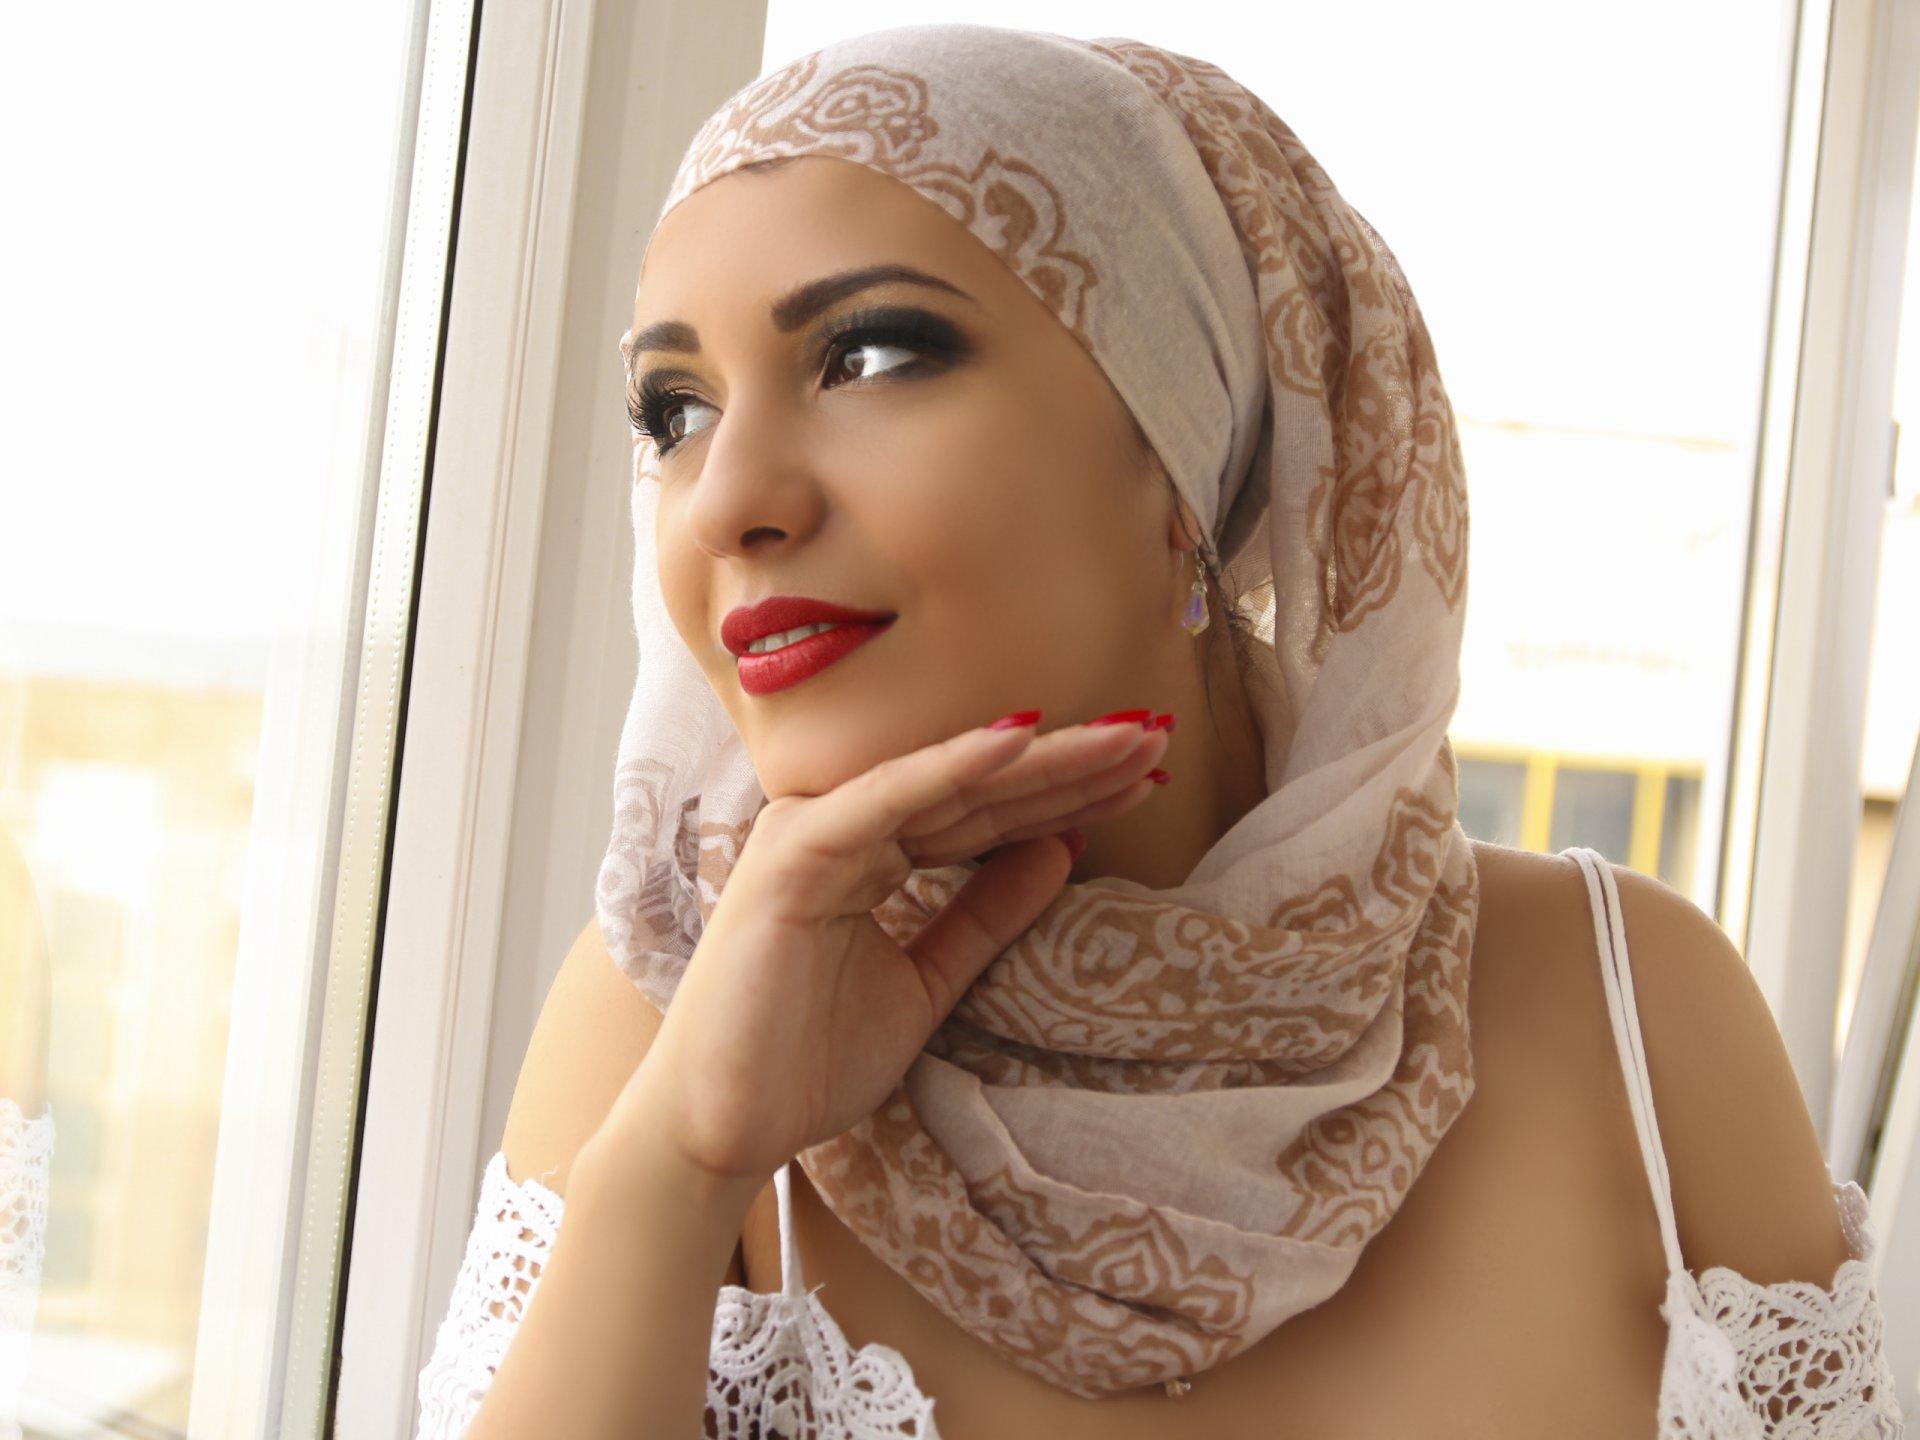 Домашний фото арабки